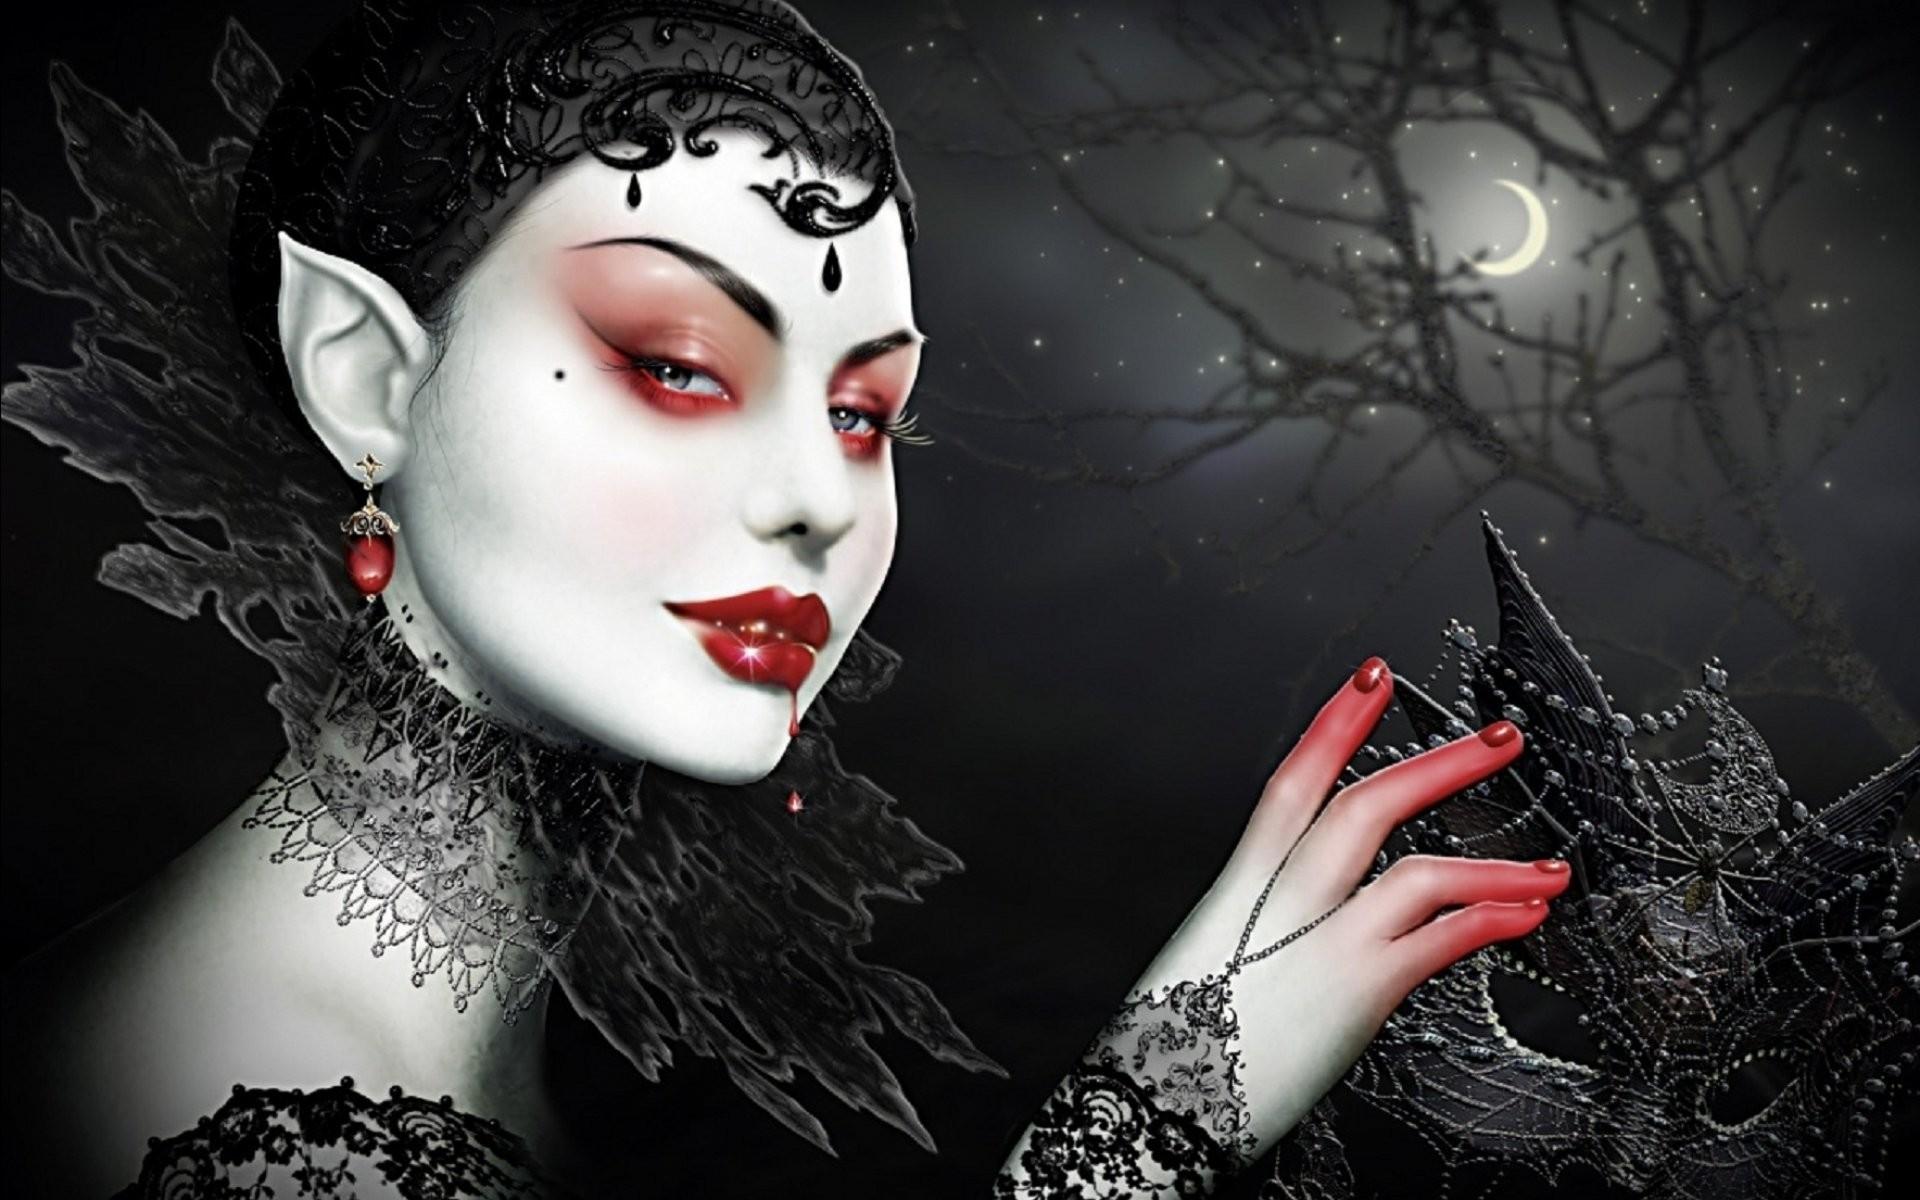 Female Vampire Wallpaper (67+ images)